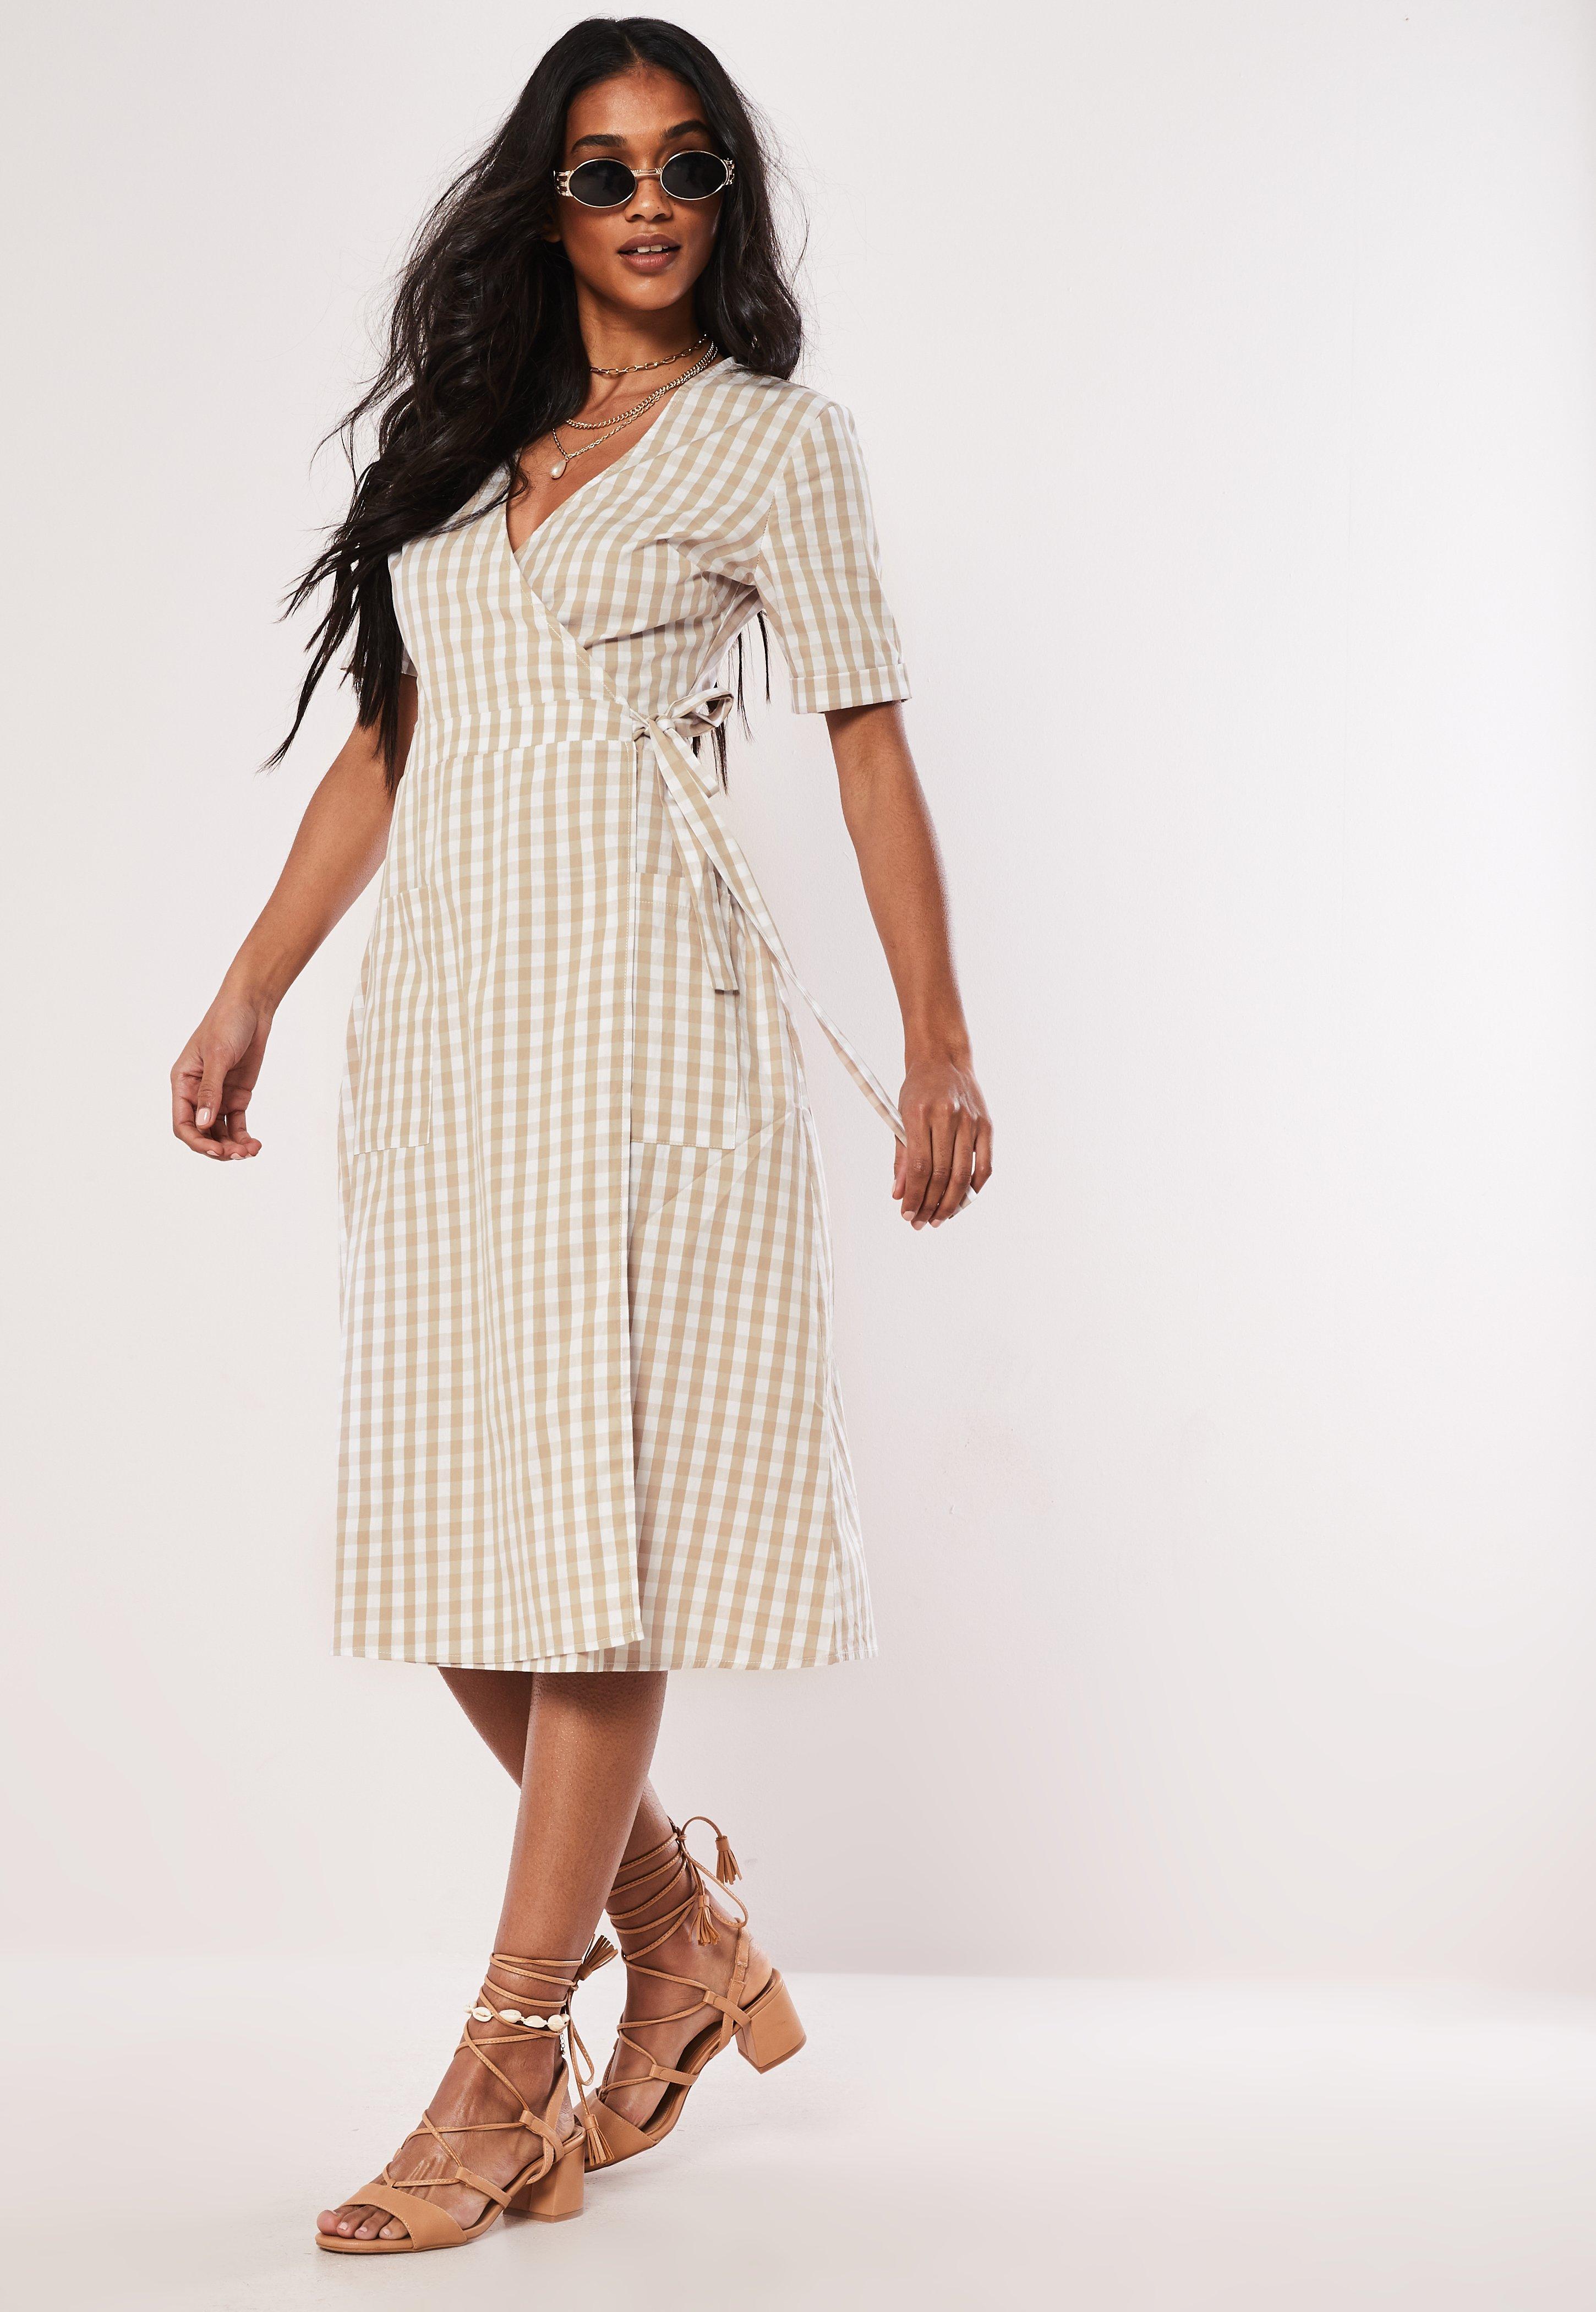 00395c1997e9 Deep V Neck Dress - Plunging Neckline Dresses